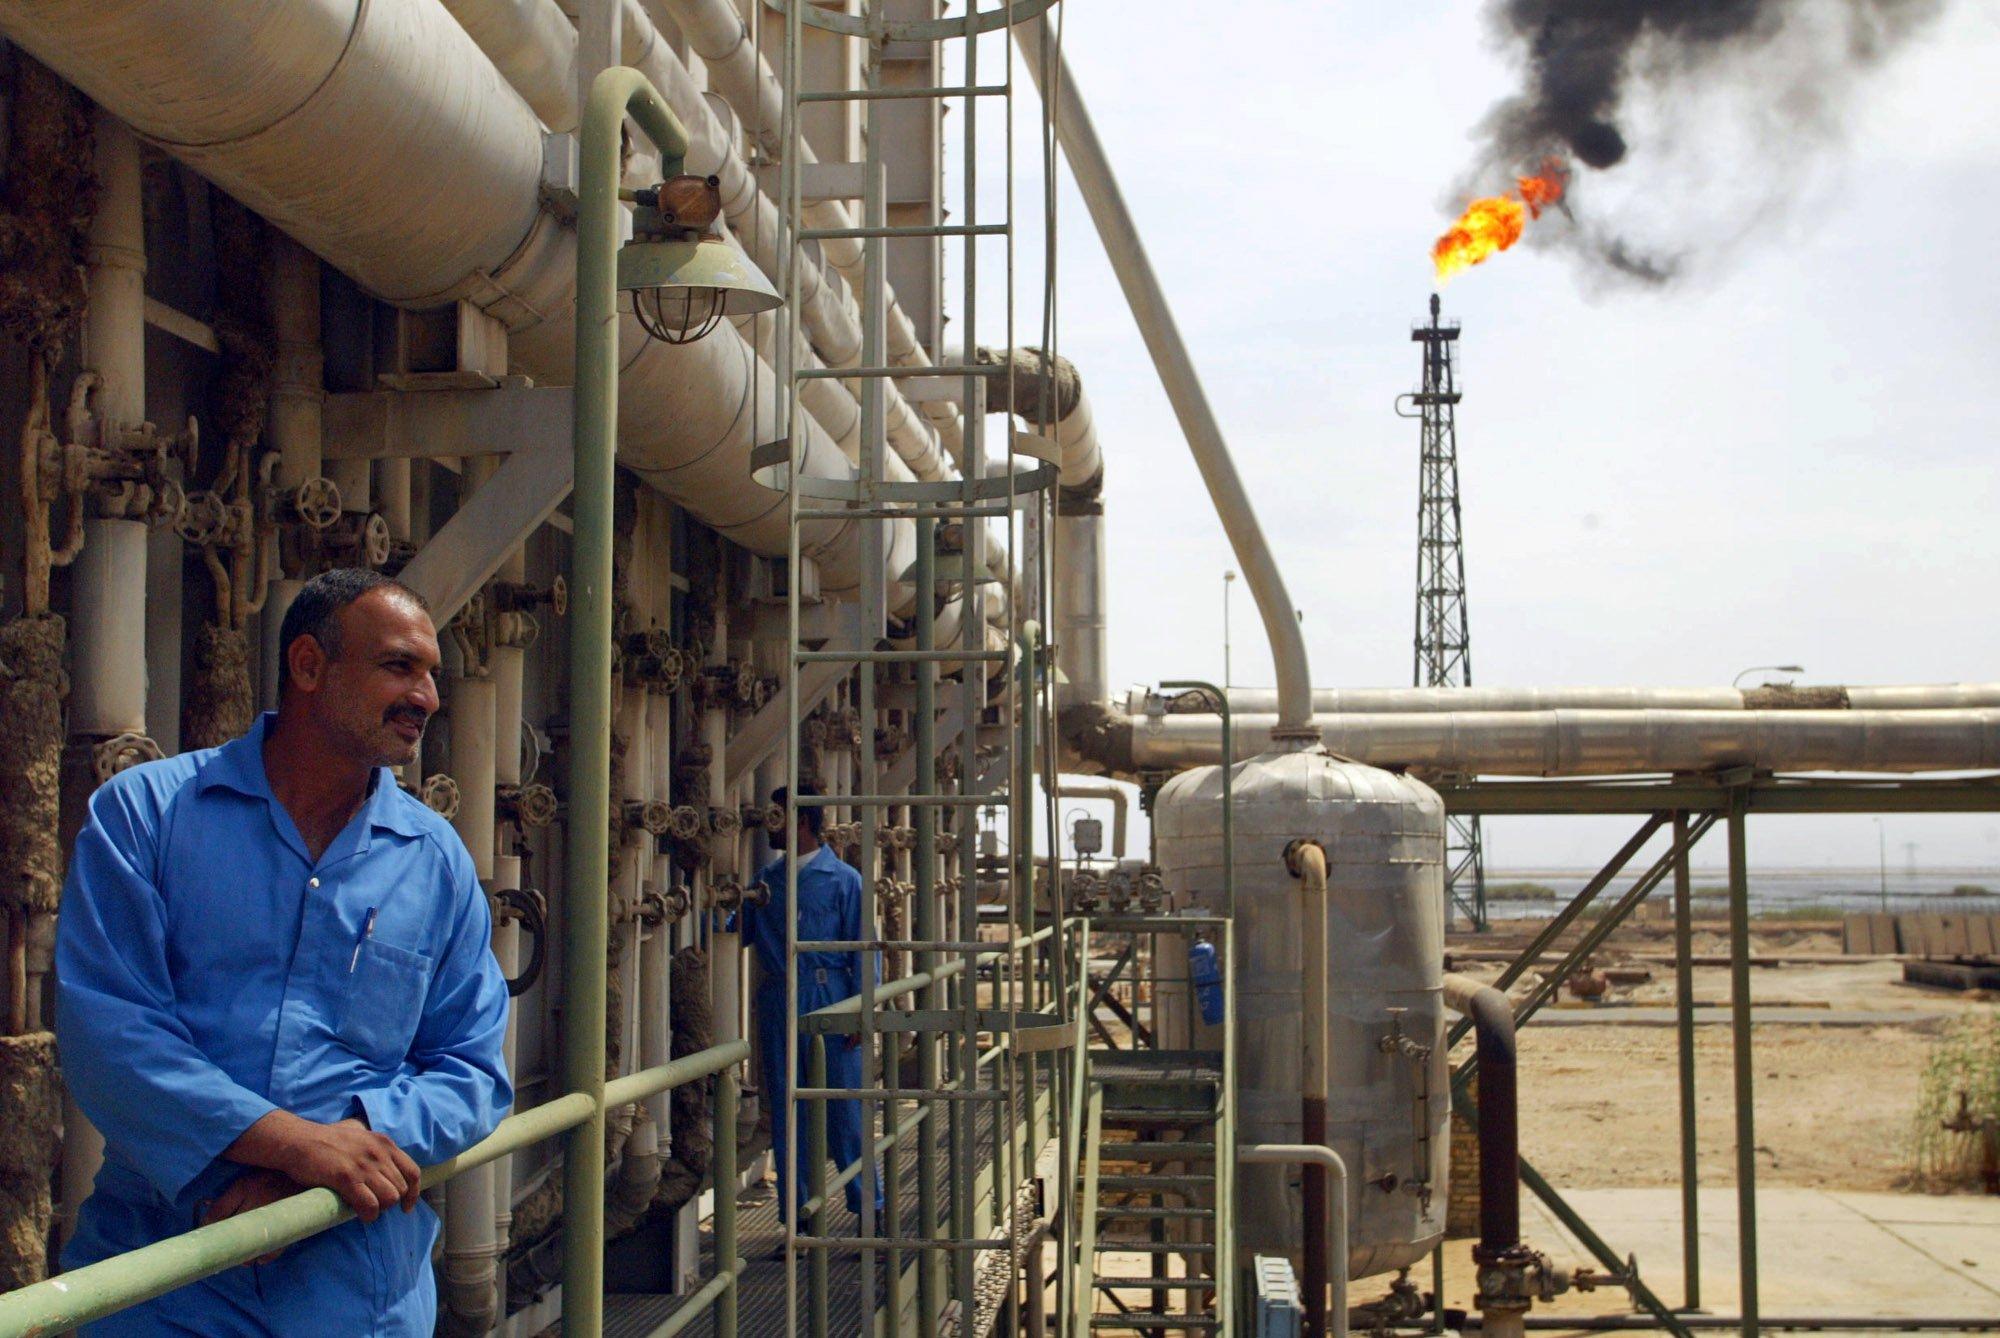 Իրանում նավթի արդյունահանման ծավալը հասել է օրական 3.5 միլիոն բարելի